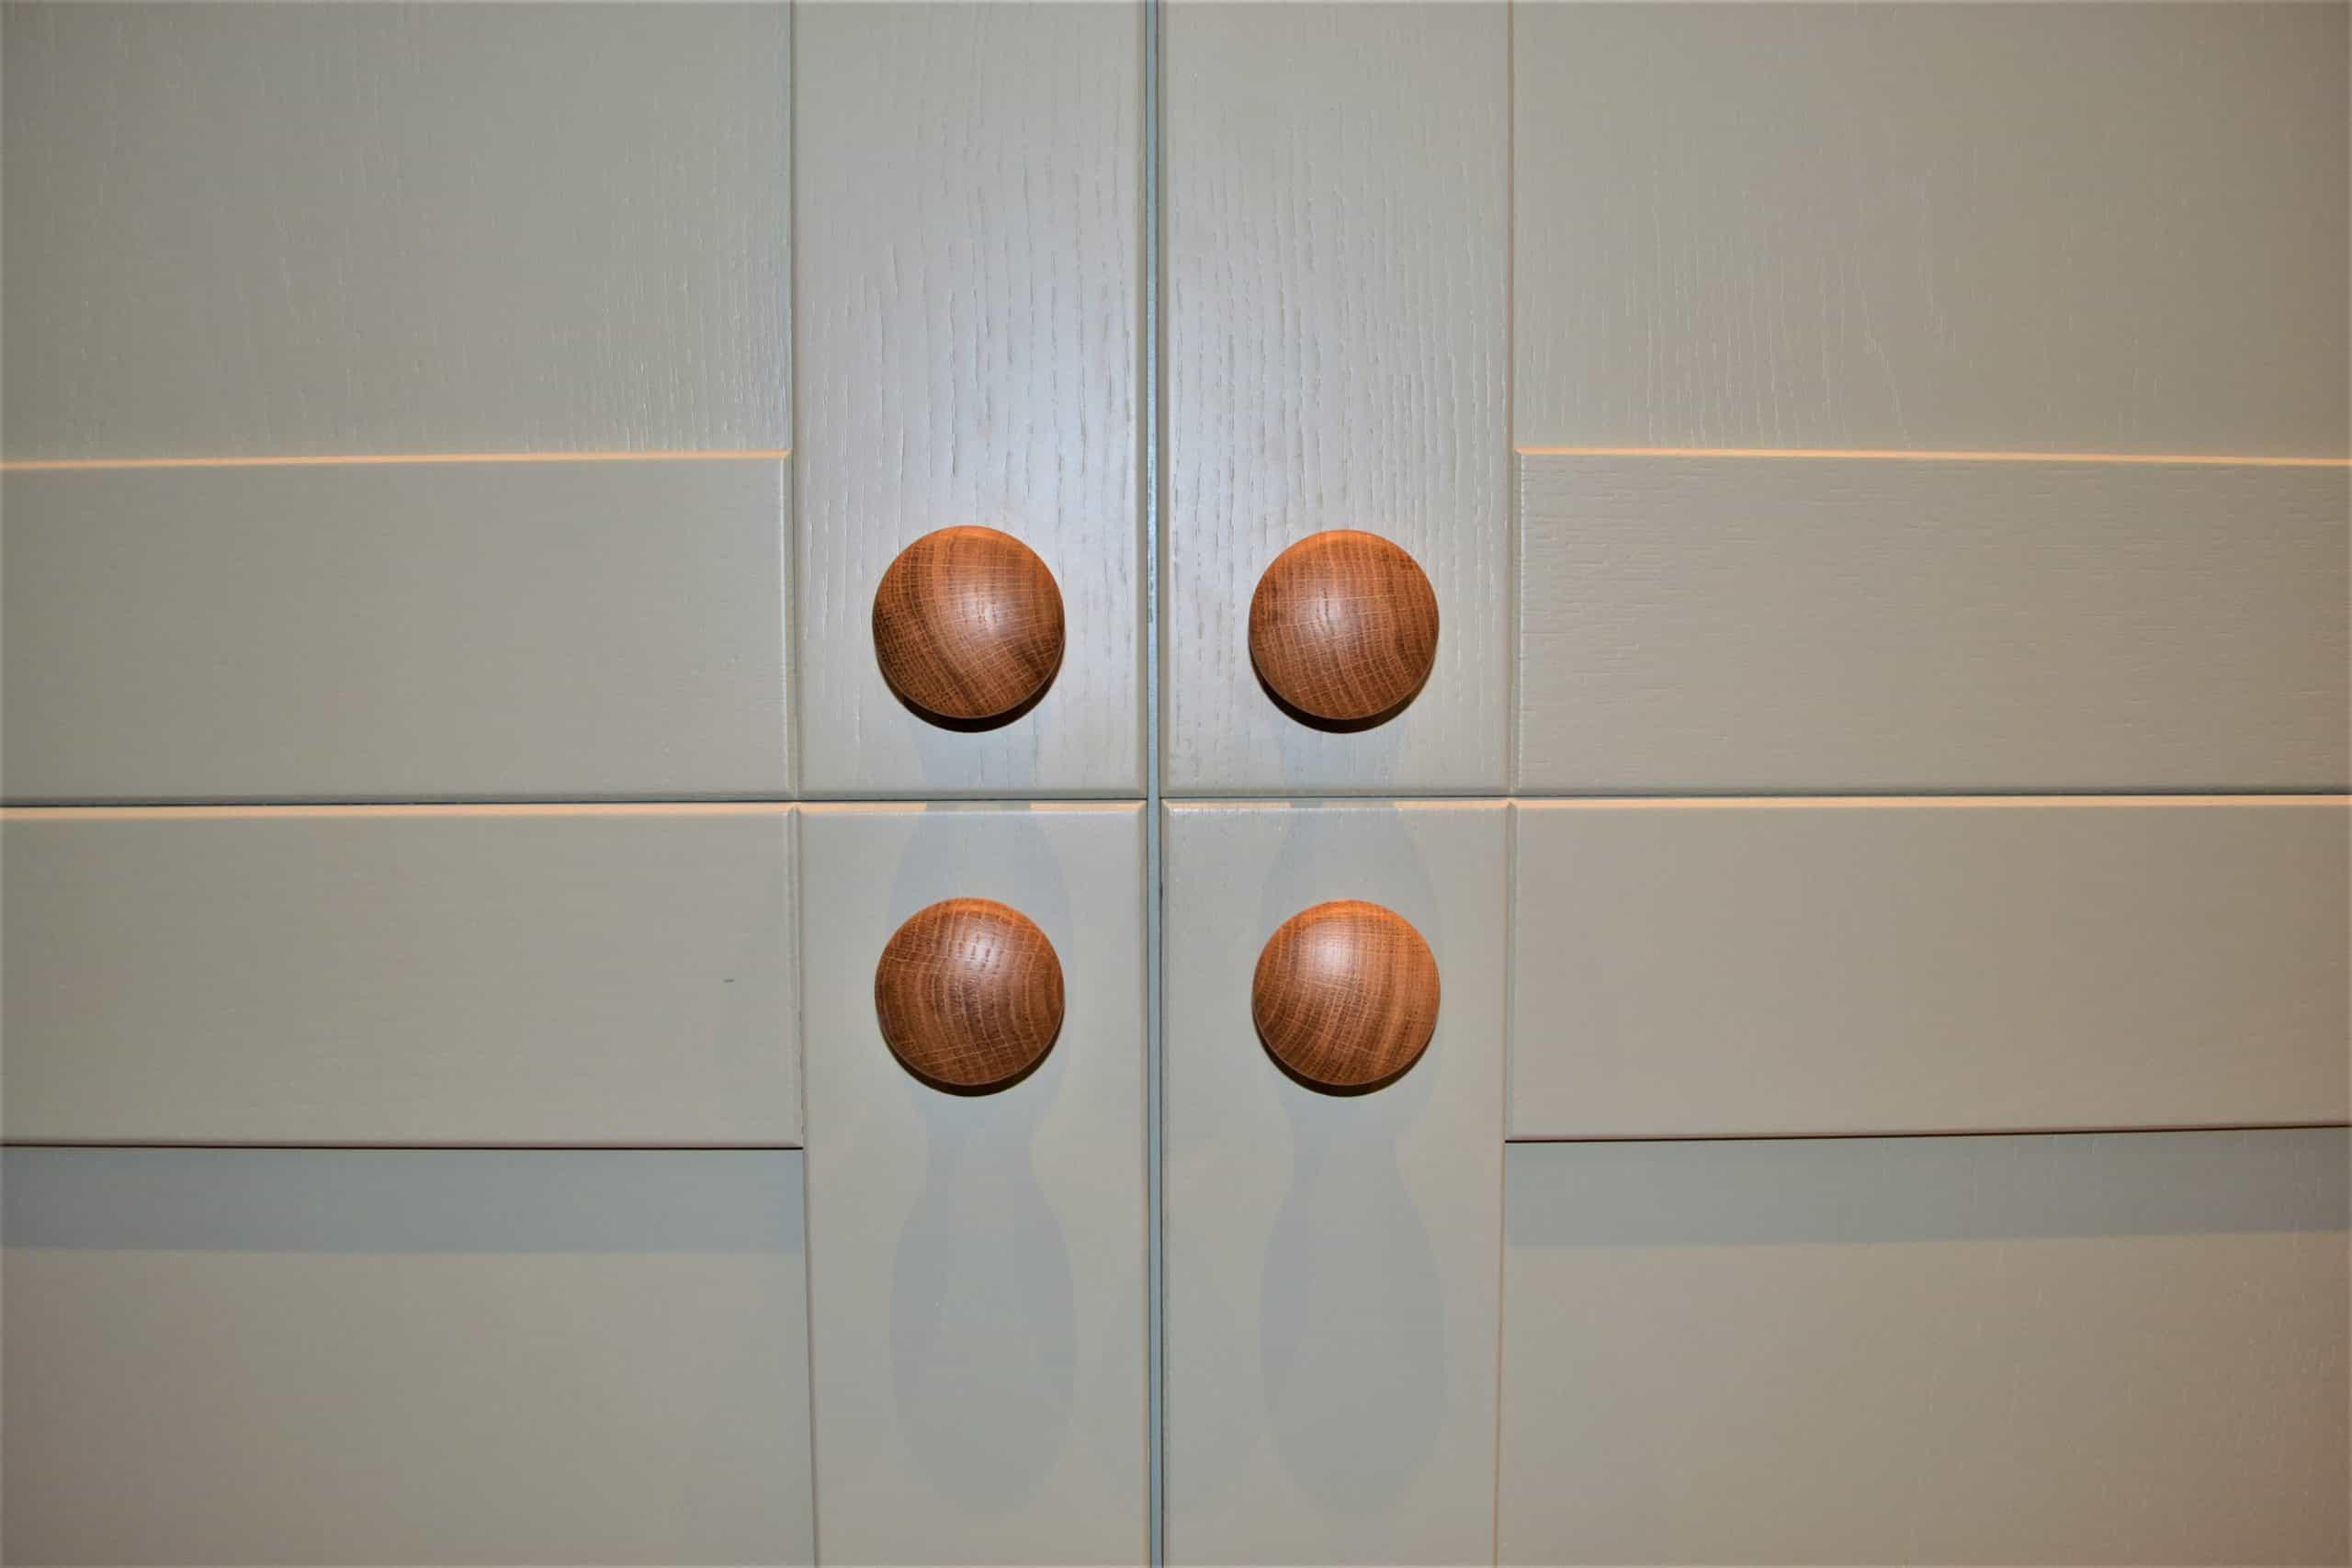 Quigg Dwelling - Units Timber Knob Detail